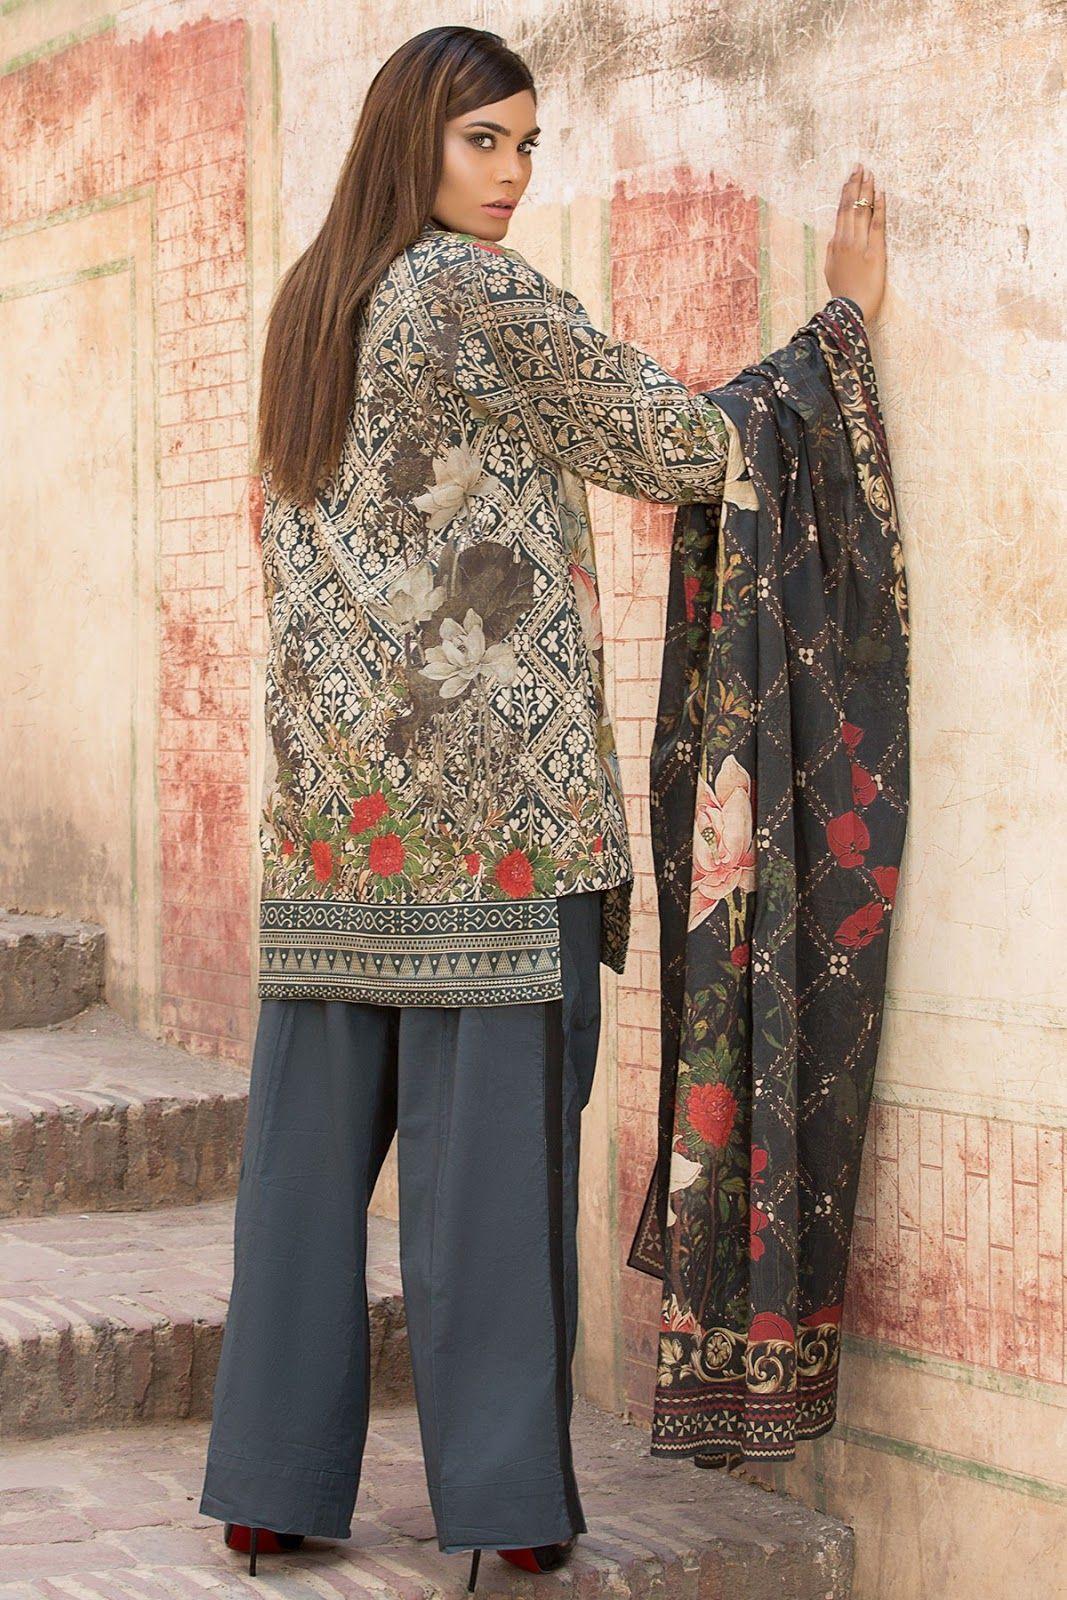 697b2ee544 Alkaram Studio 2 Piece Digital Printed Unstitched Shirt & Dupatta  DCD-13-BLUE with model Zara Abid